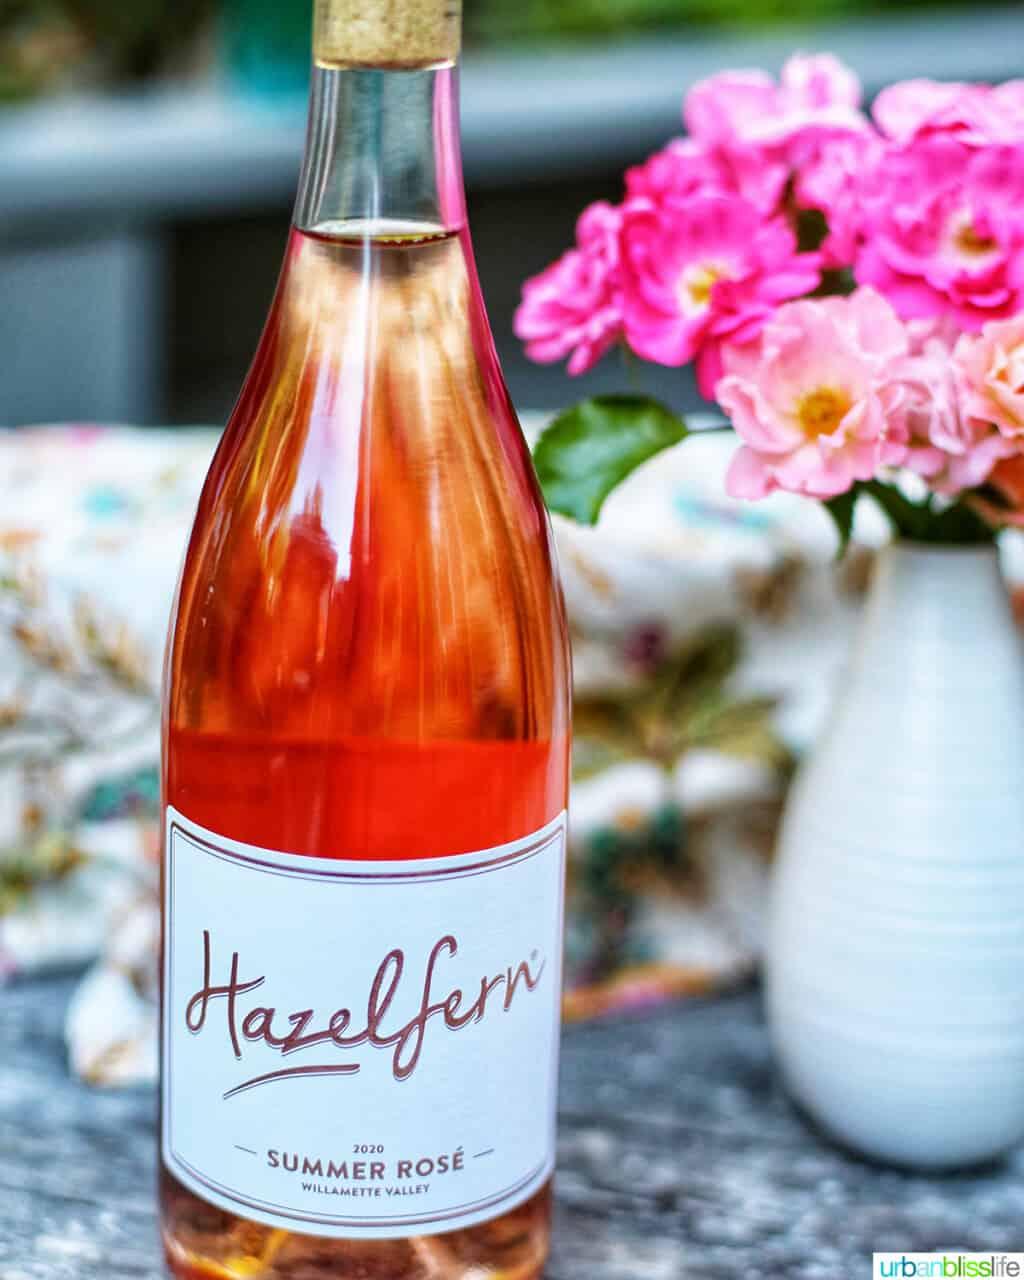 bottle of Hazelfern Cellars rose wine